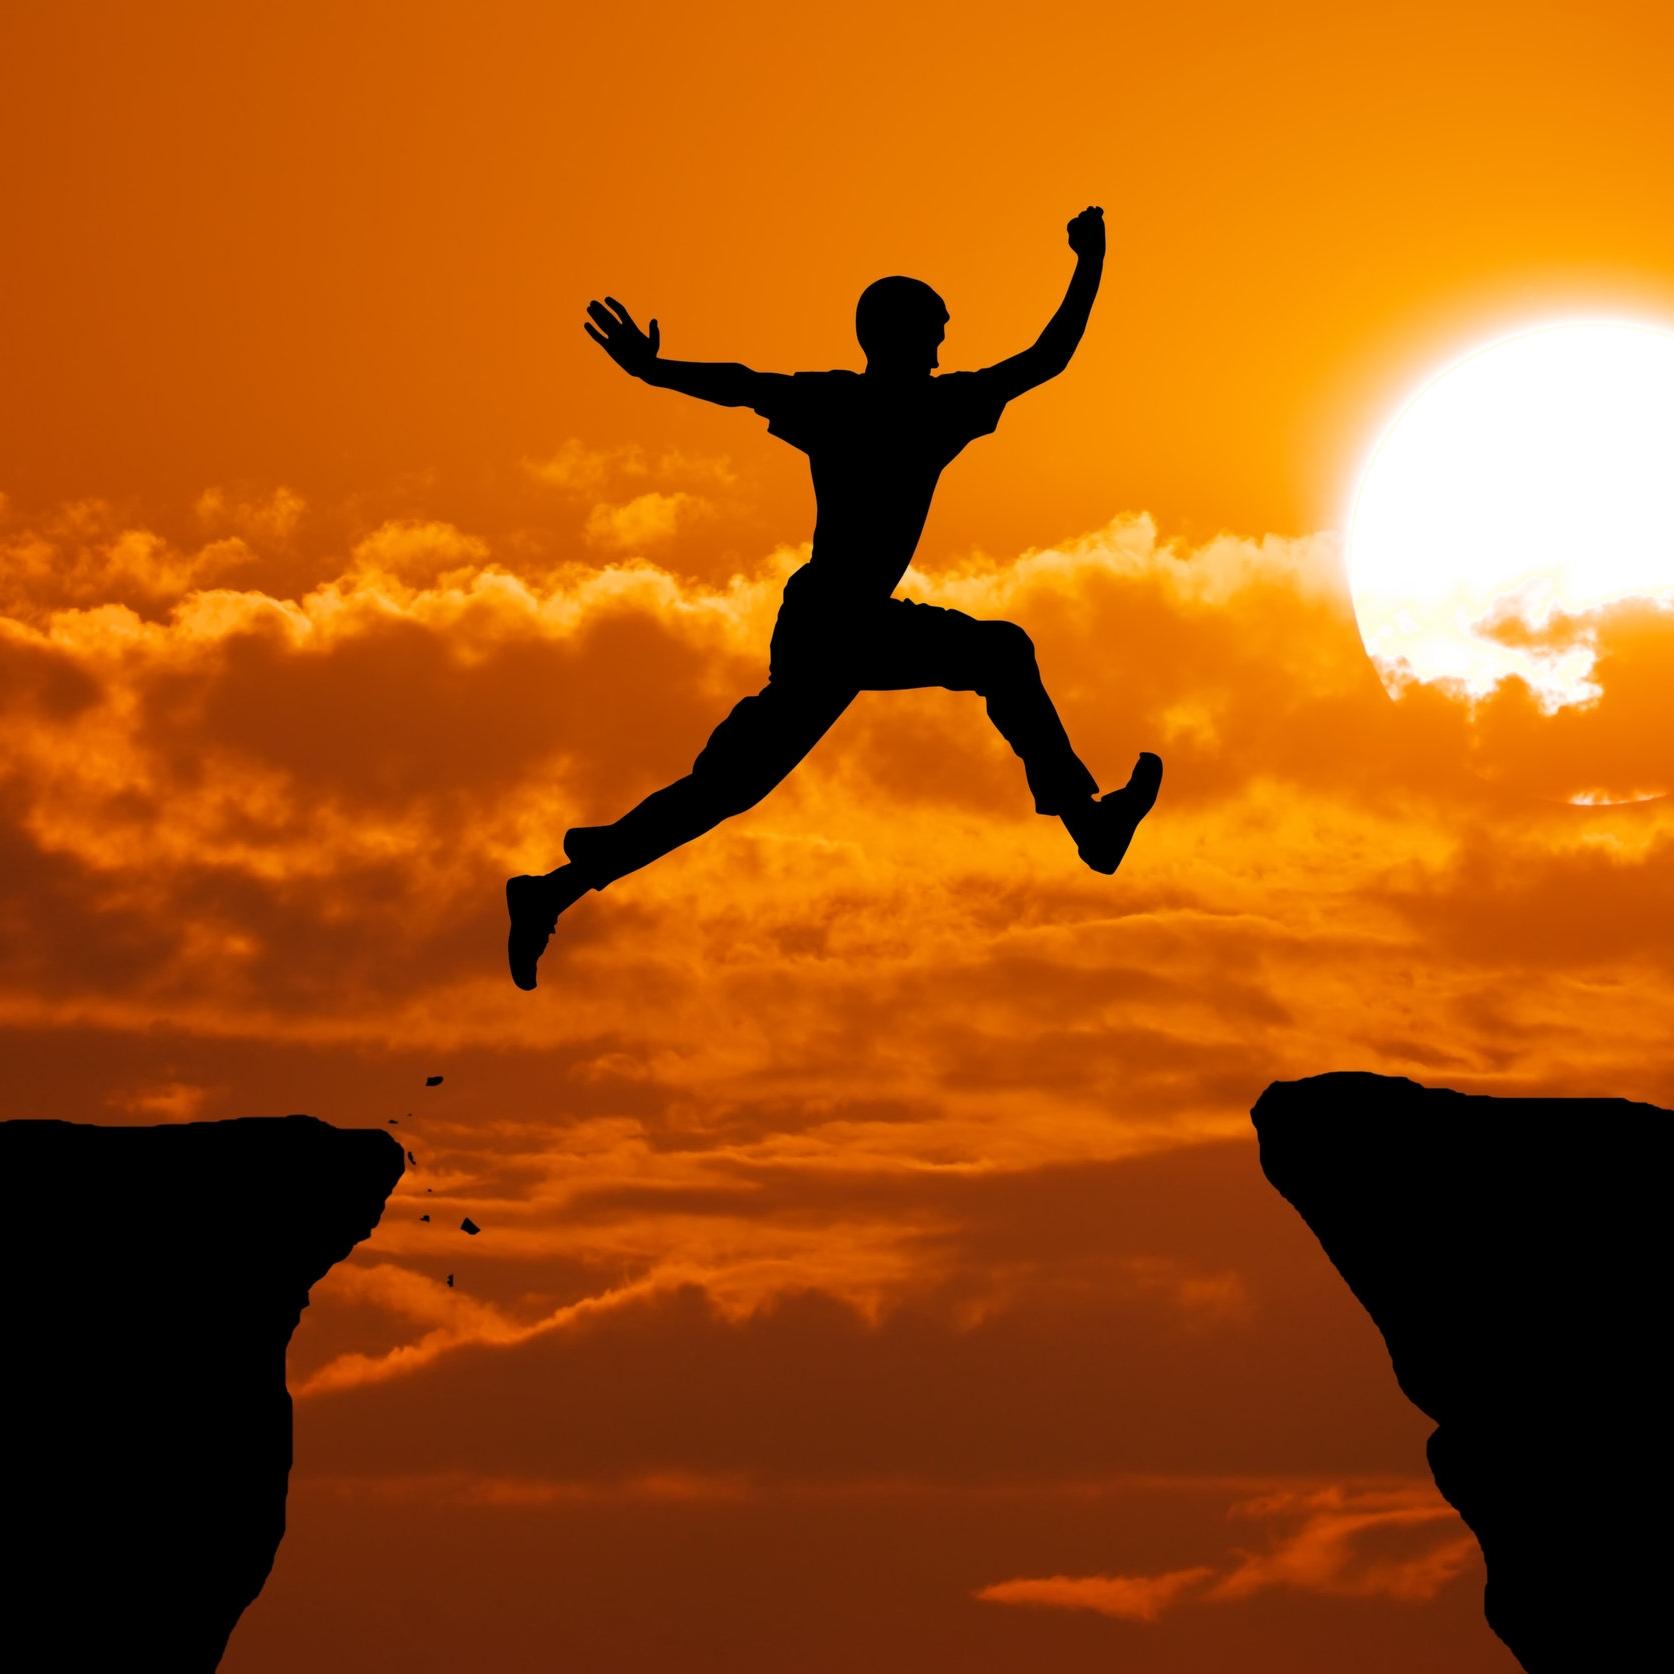 Man jump on gap orange sun.jpg